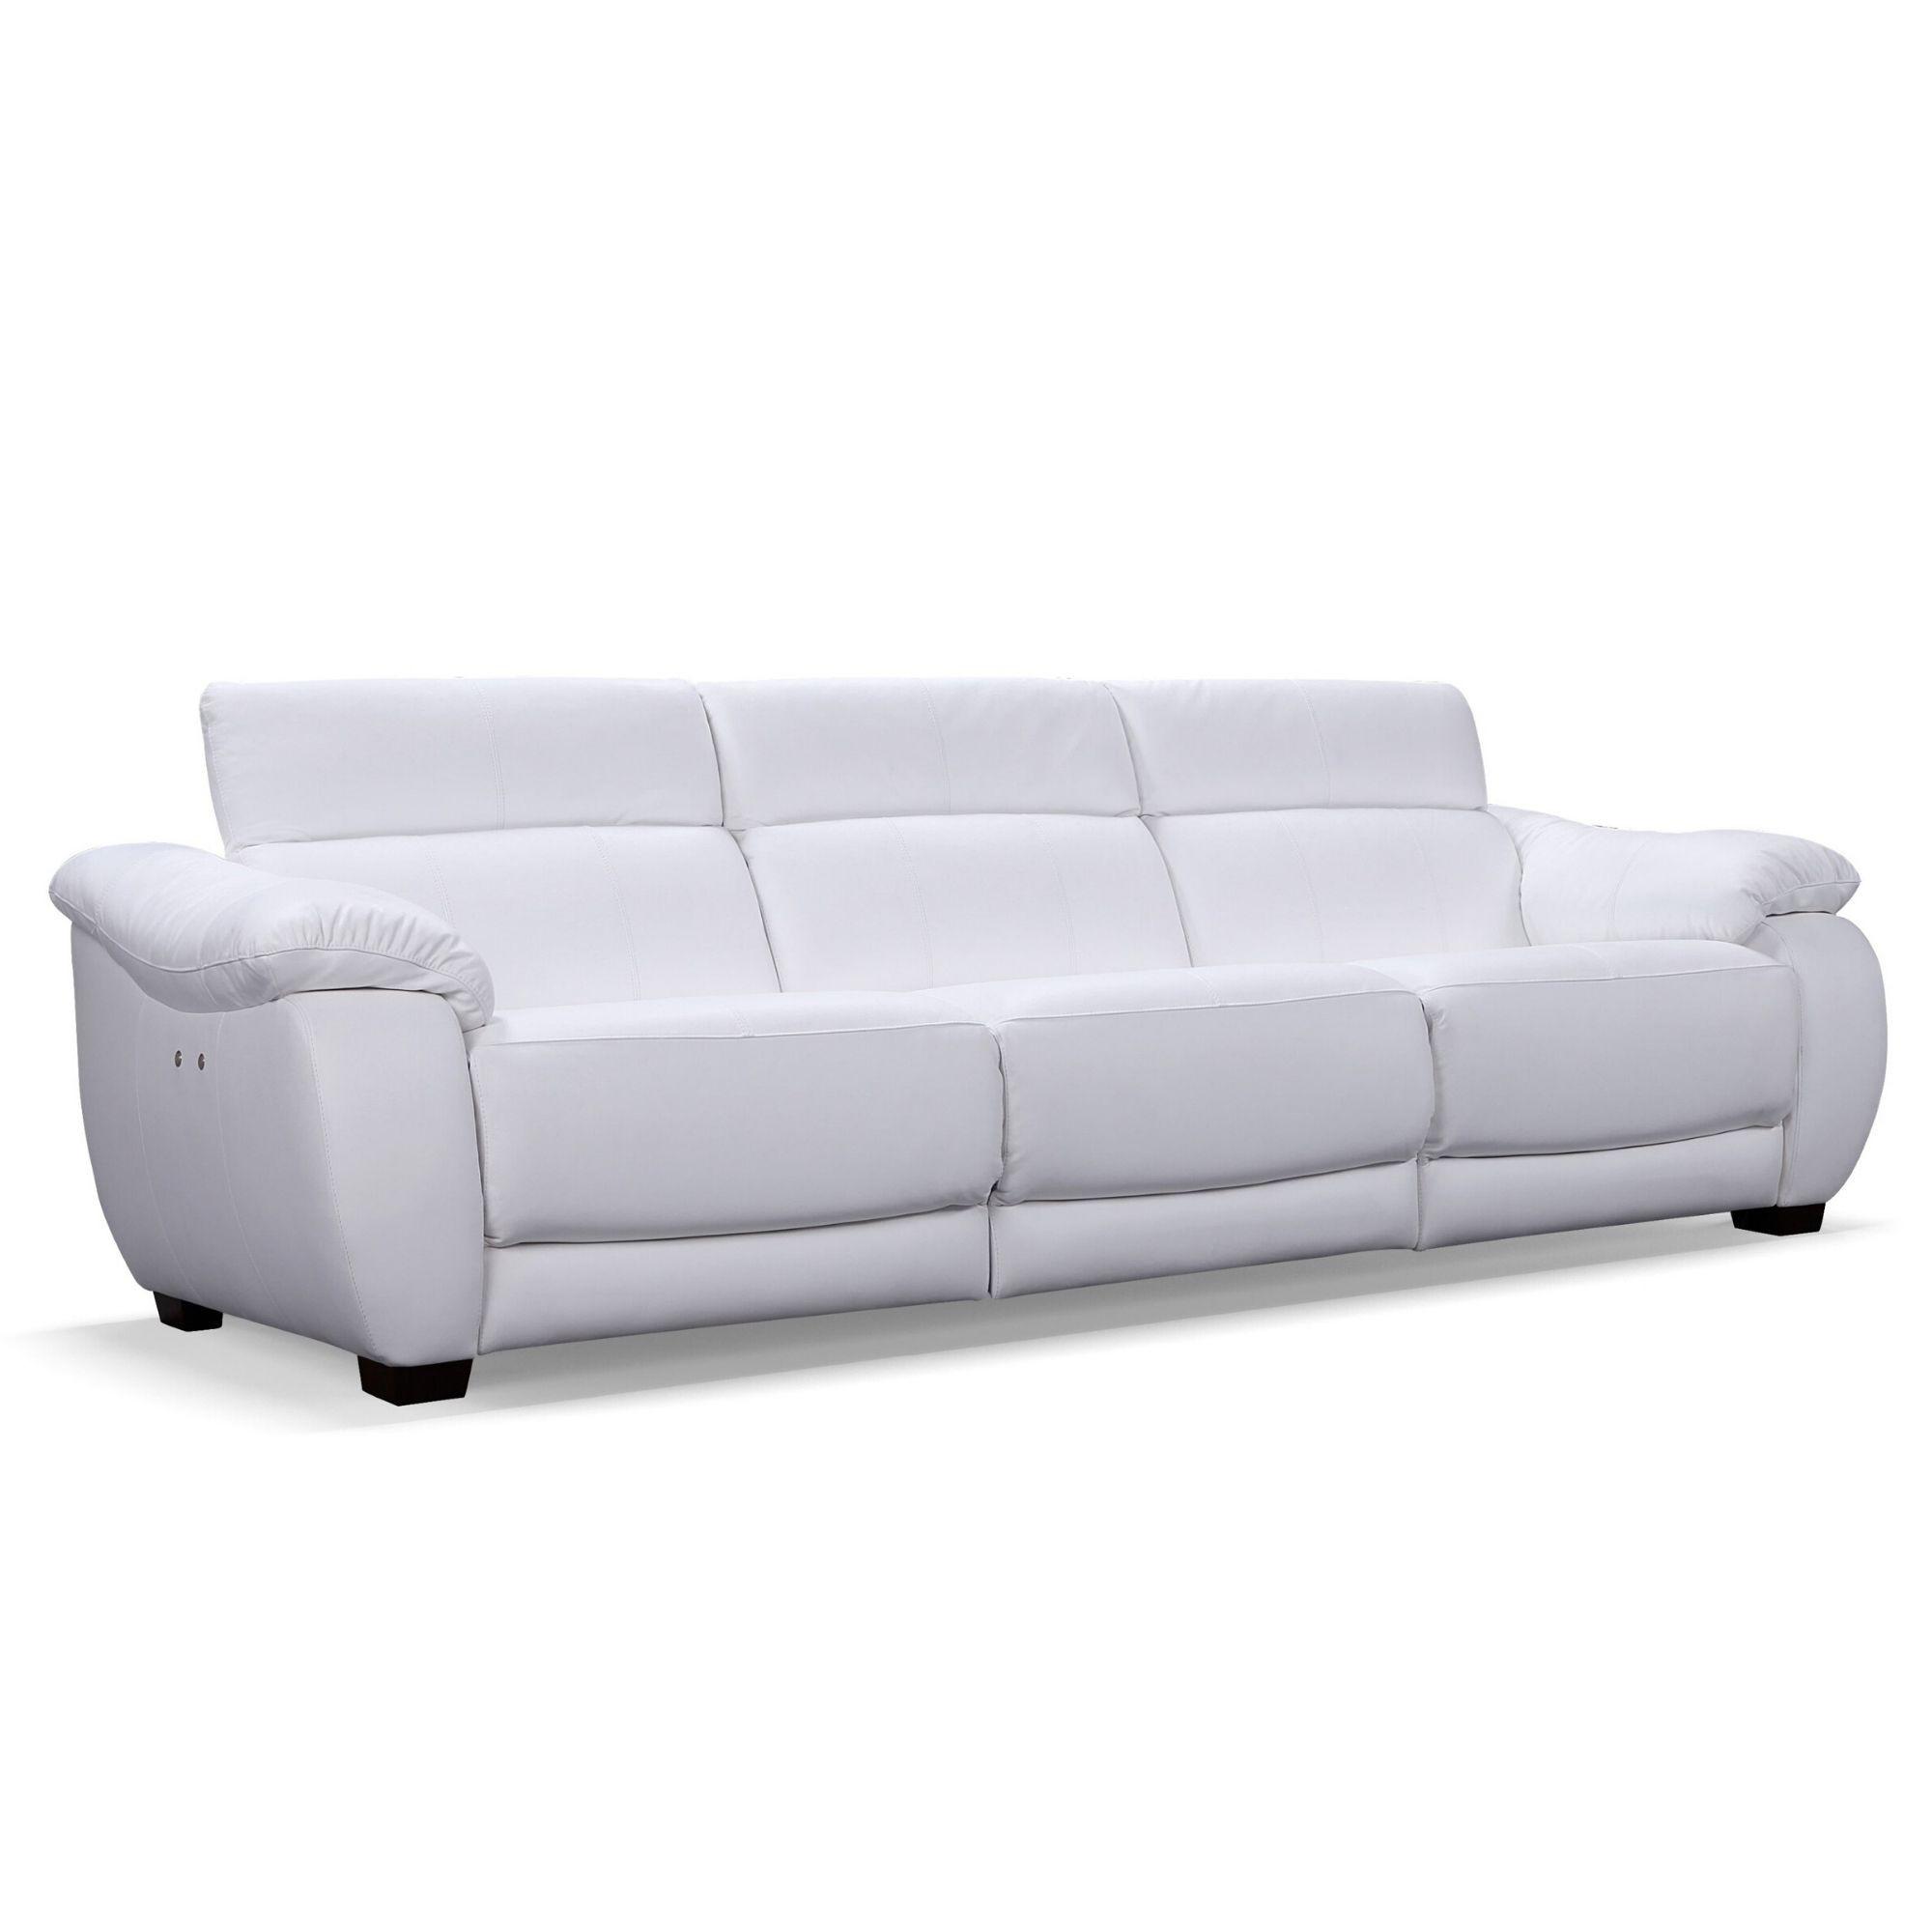 Sofá Retrátil Elétrico de Couro 299cm - Royal Off White